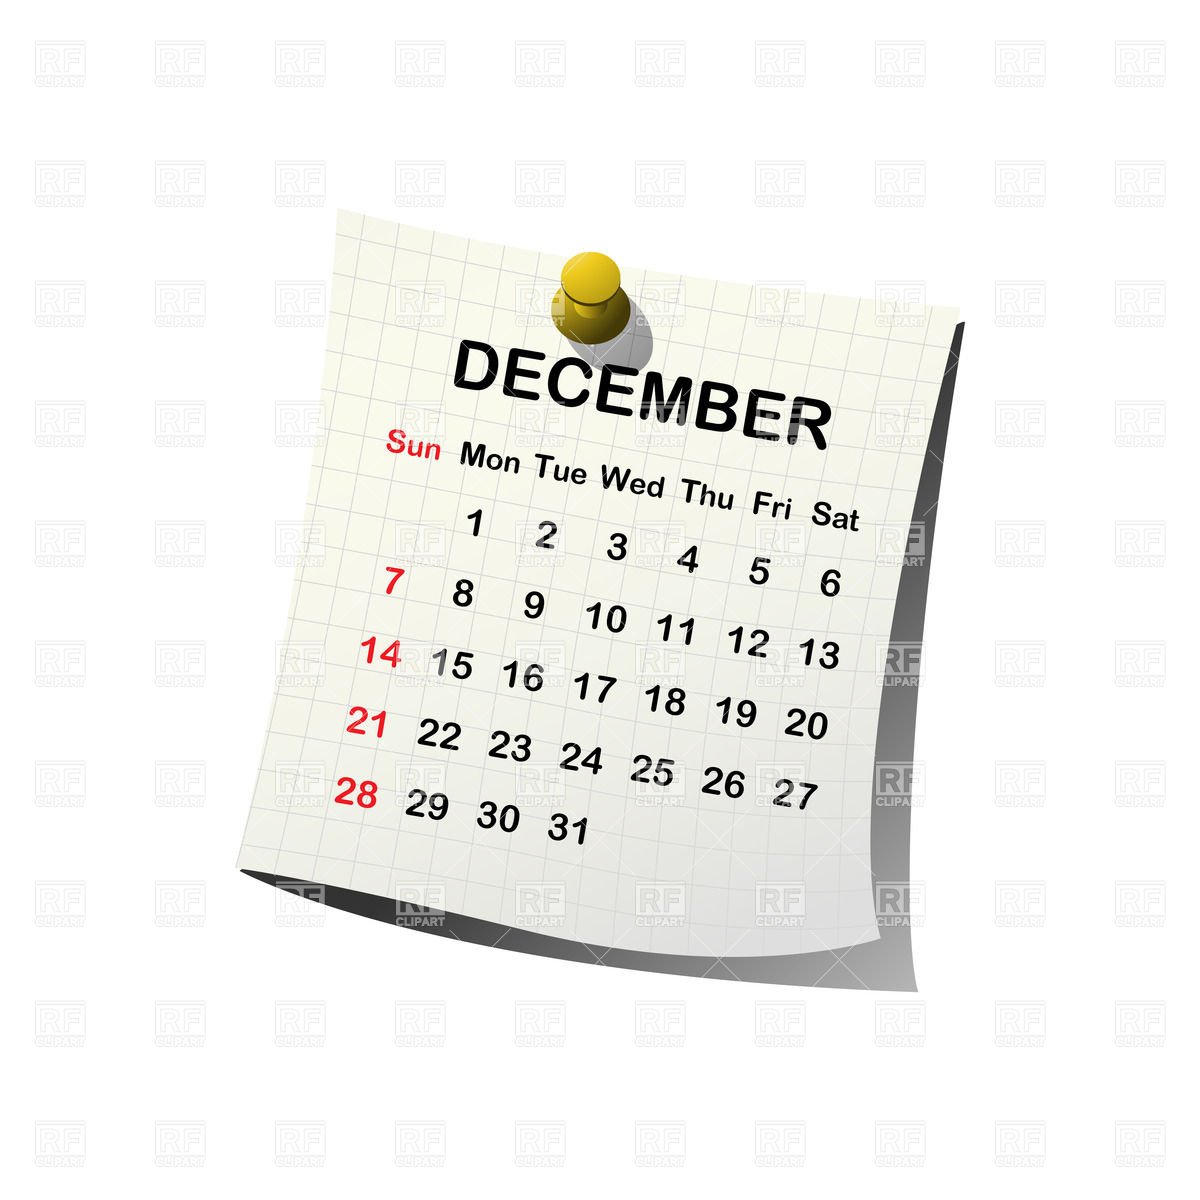 2016 Calendar Clipart Free December.